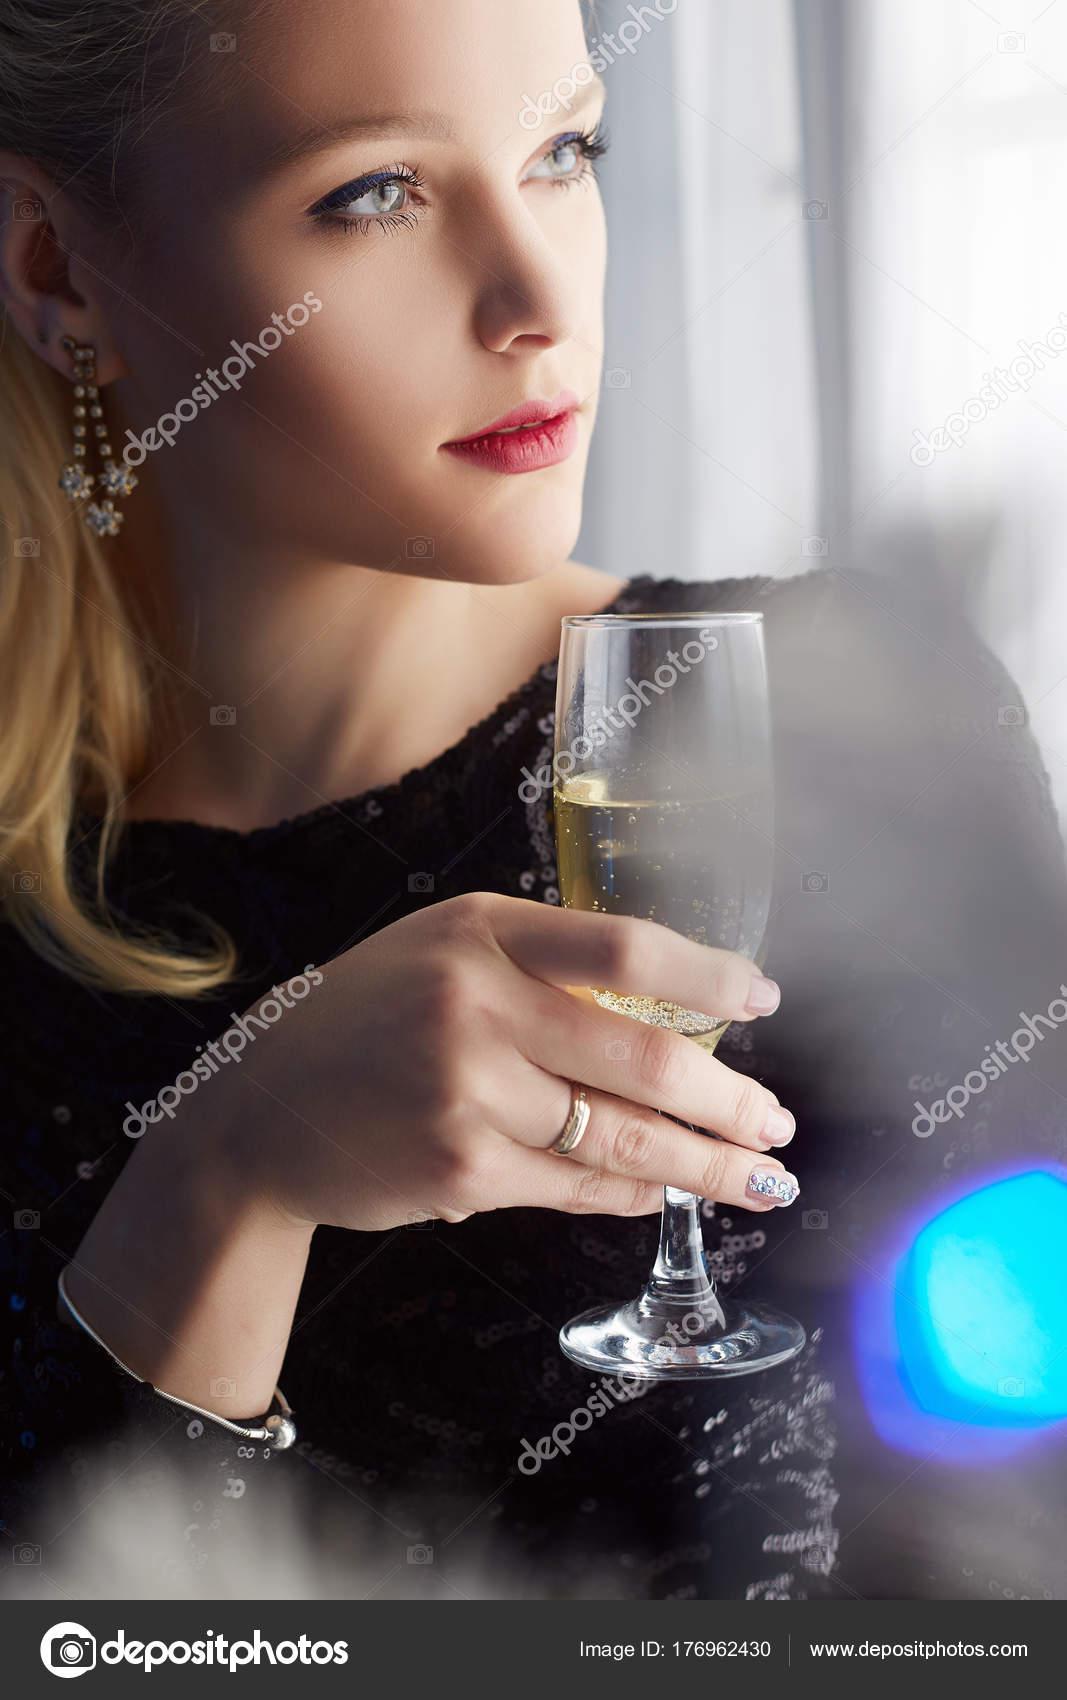 vilizal-krasivoy-foto-blondinki-v-shampanskom